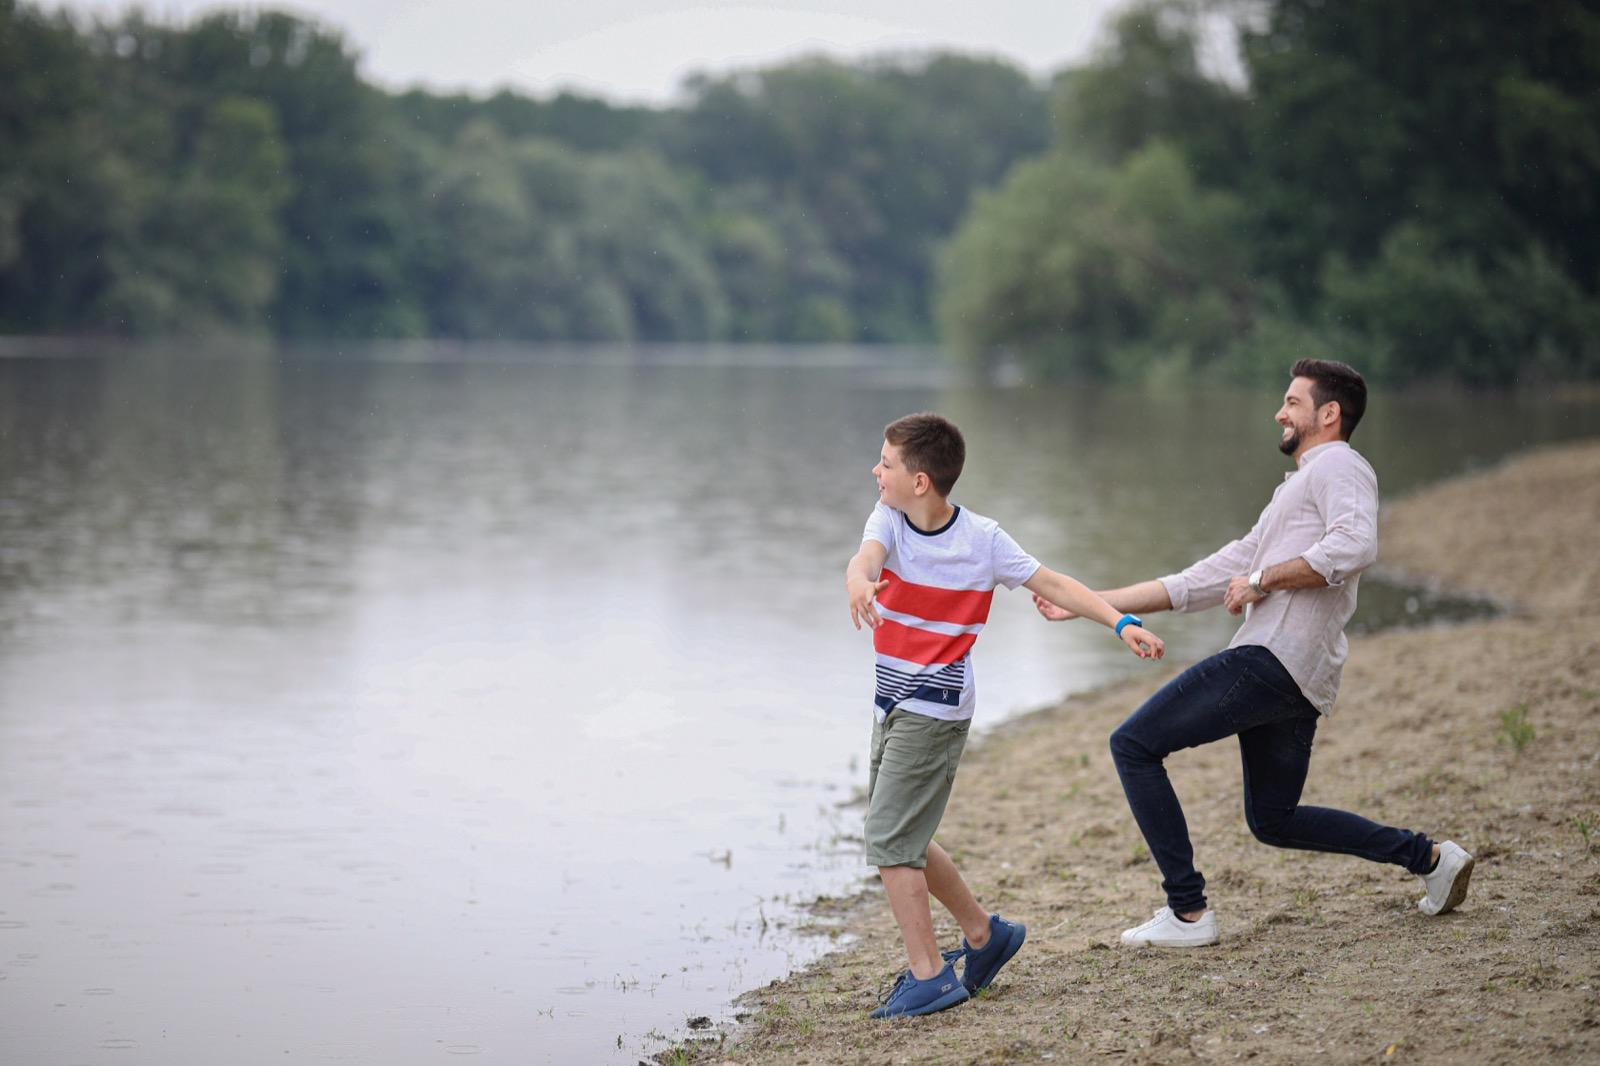 spa-élmények várnak ősszel a Tisza-parton